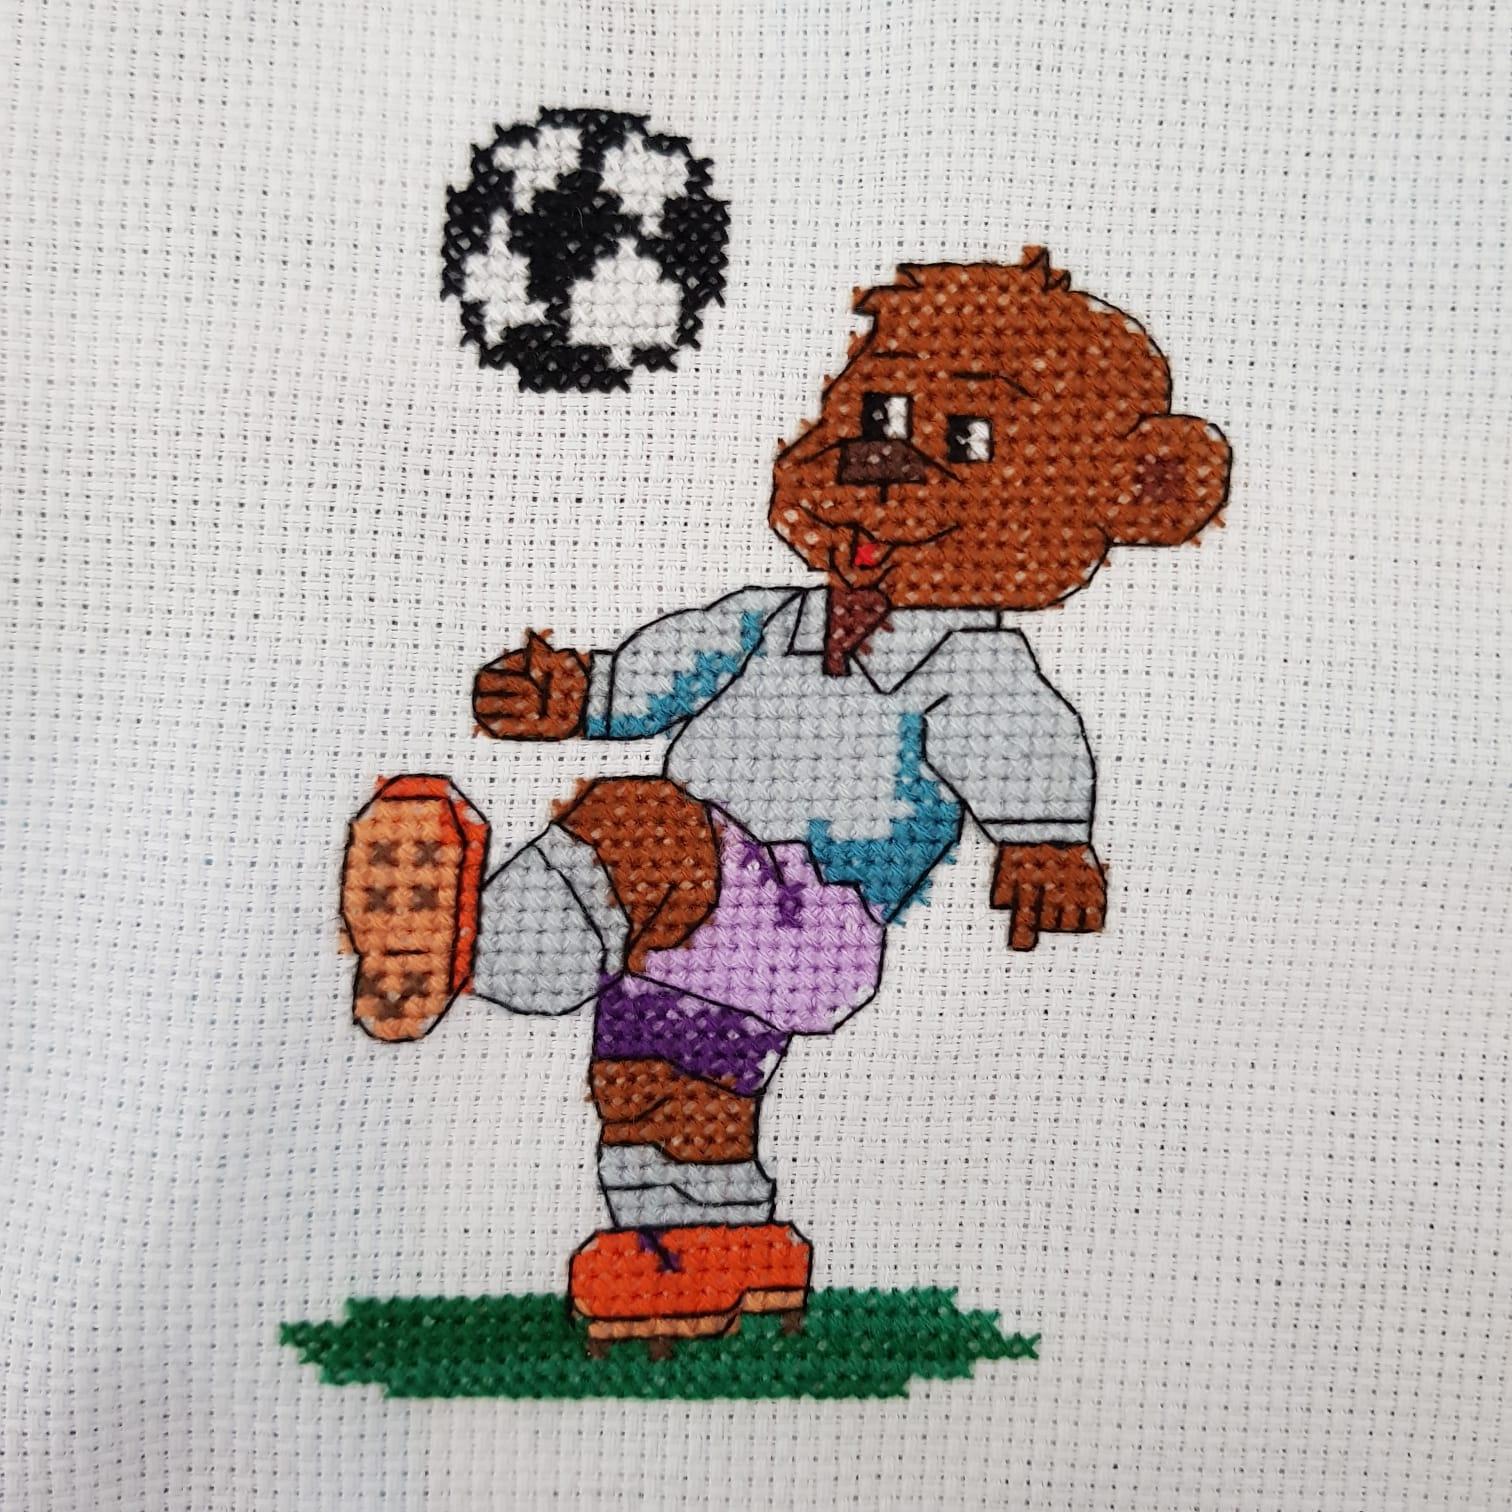 Korsstygns broderi. Motivet är en björn som spelar fotboll.